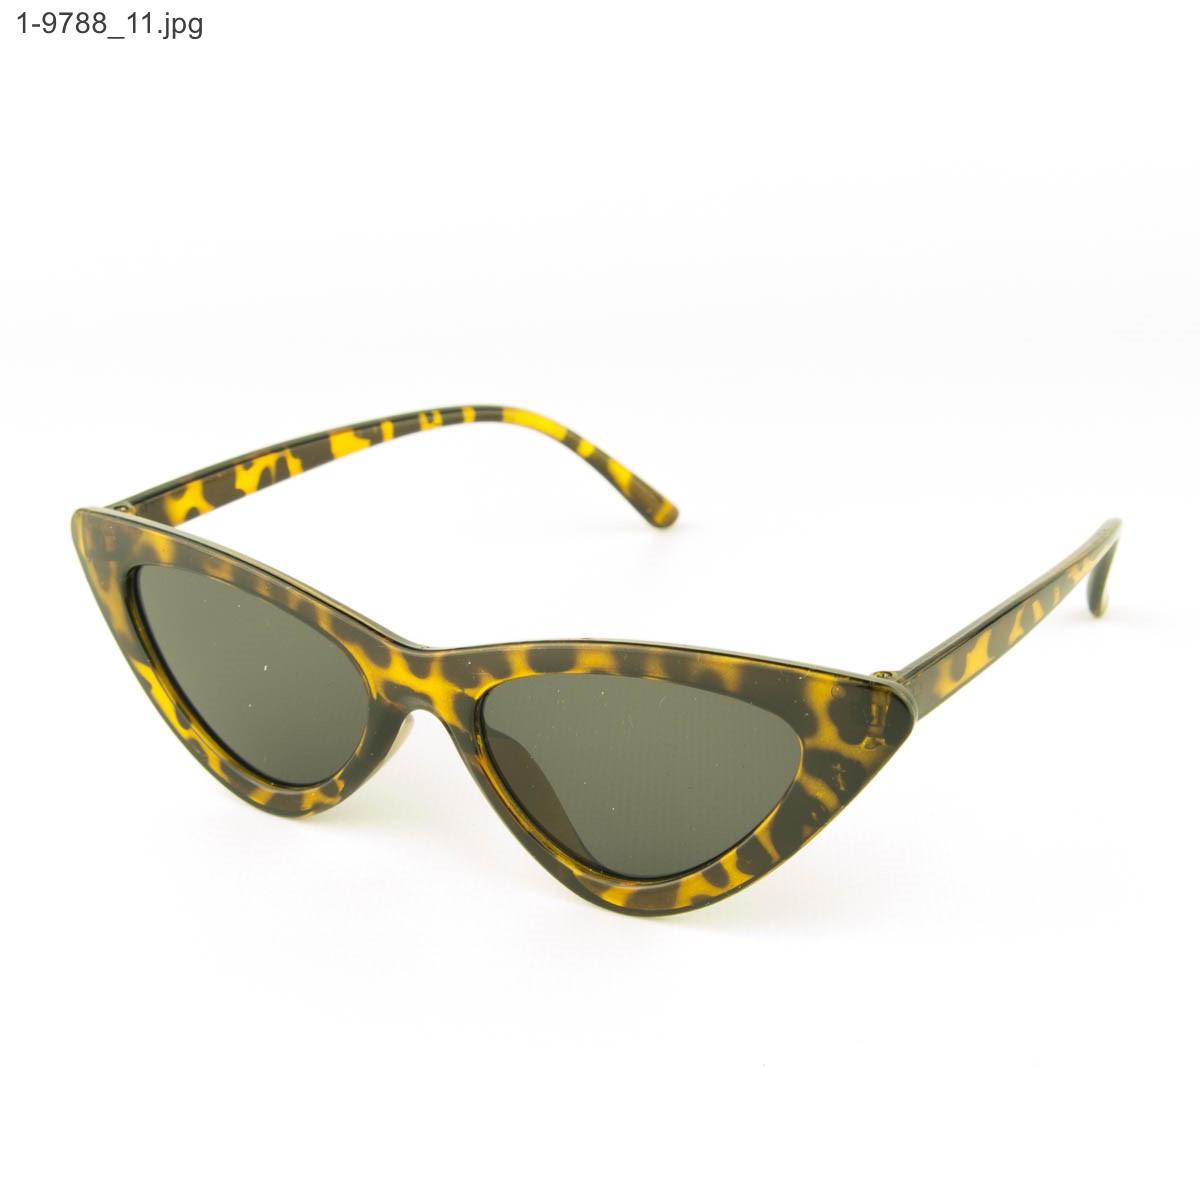 Солнцезащитные женские очки кошачий глаз - Леопардовые - 1-9788